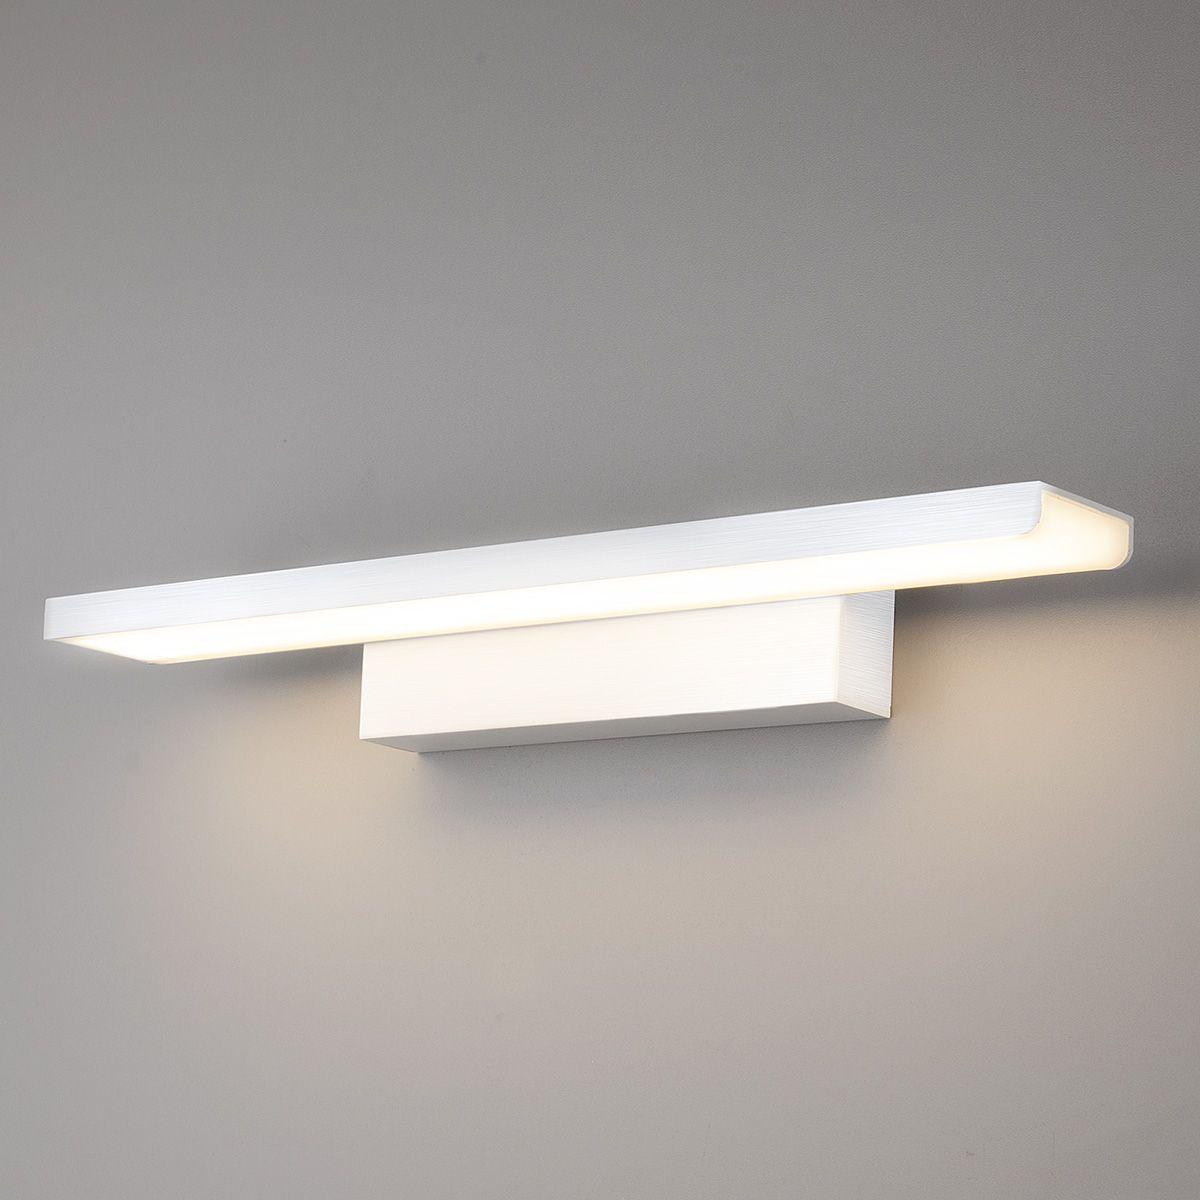 Настенный светодиодный светильник Sankara LED MRL LED 16W 1009 IP20 белый